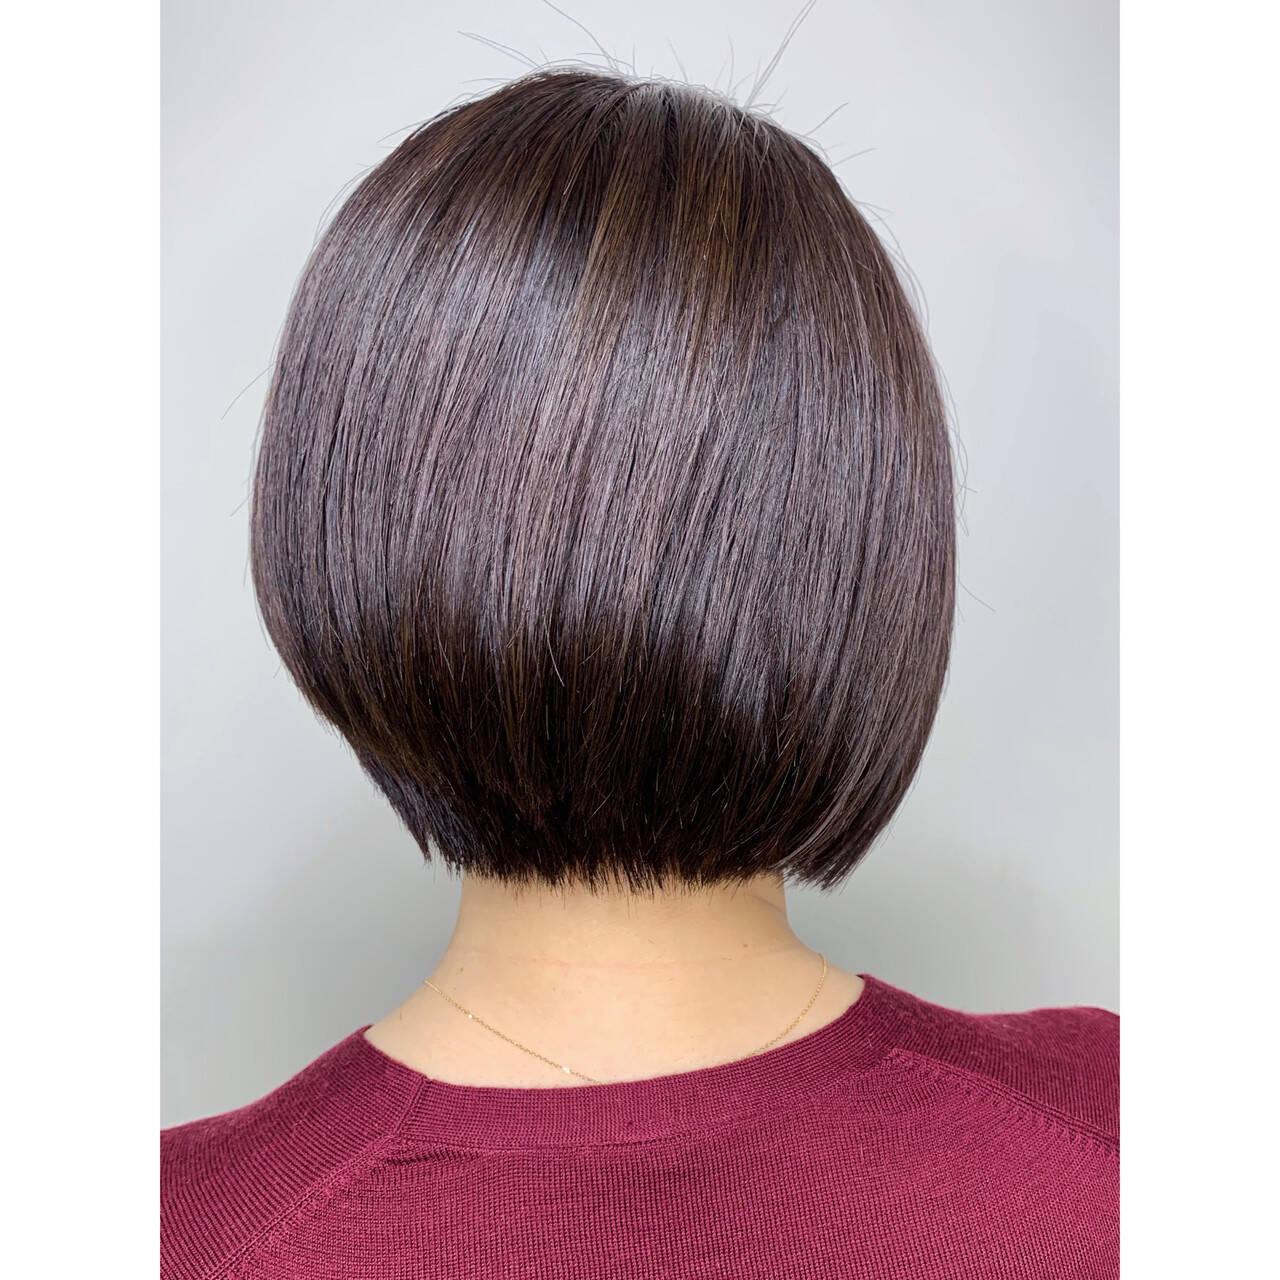 モード ボブ ショートボブ ショートヘアスタイルや髪型の写真・画像